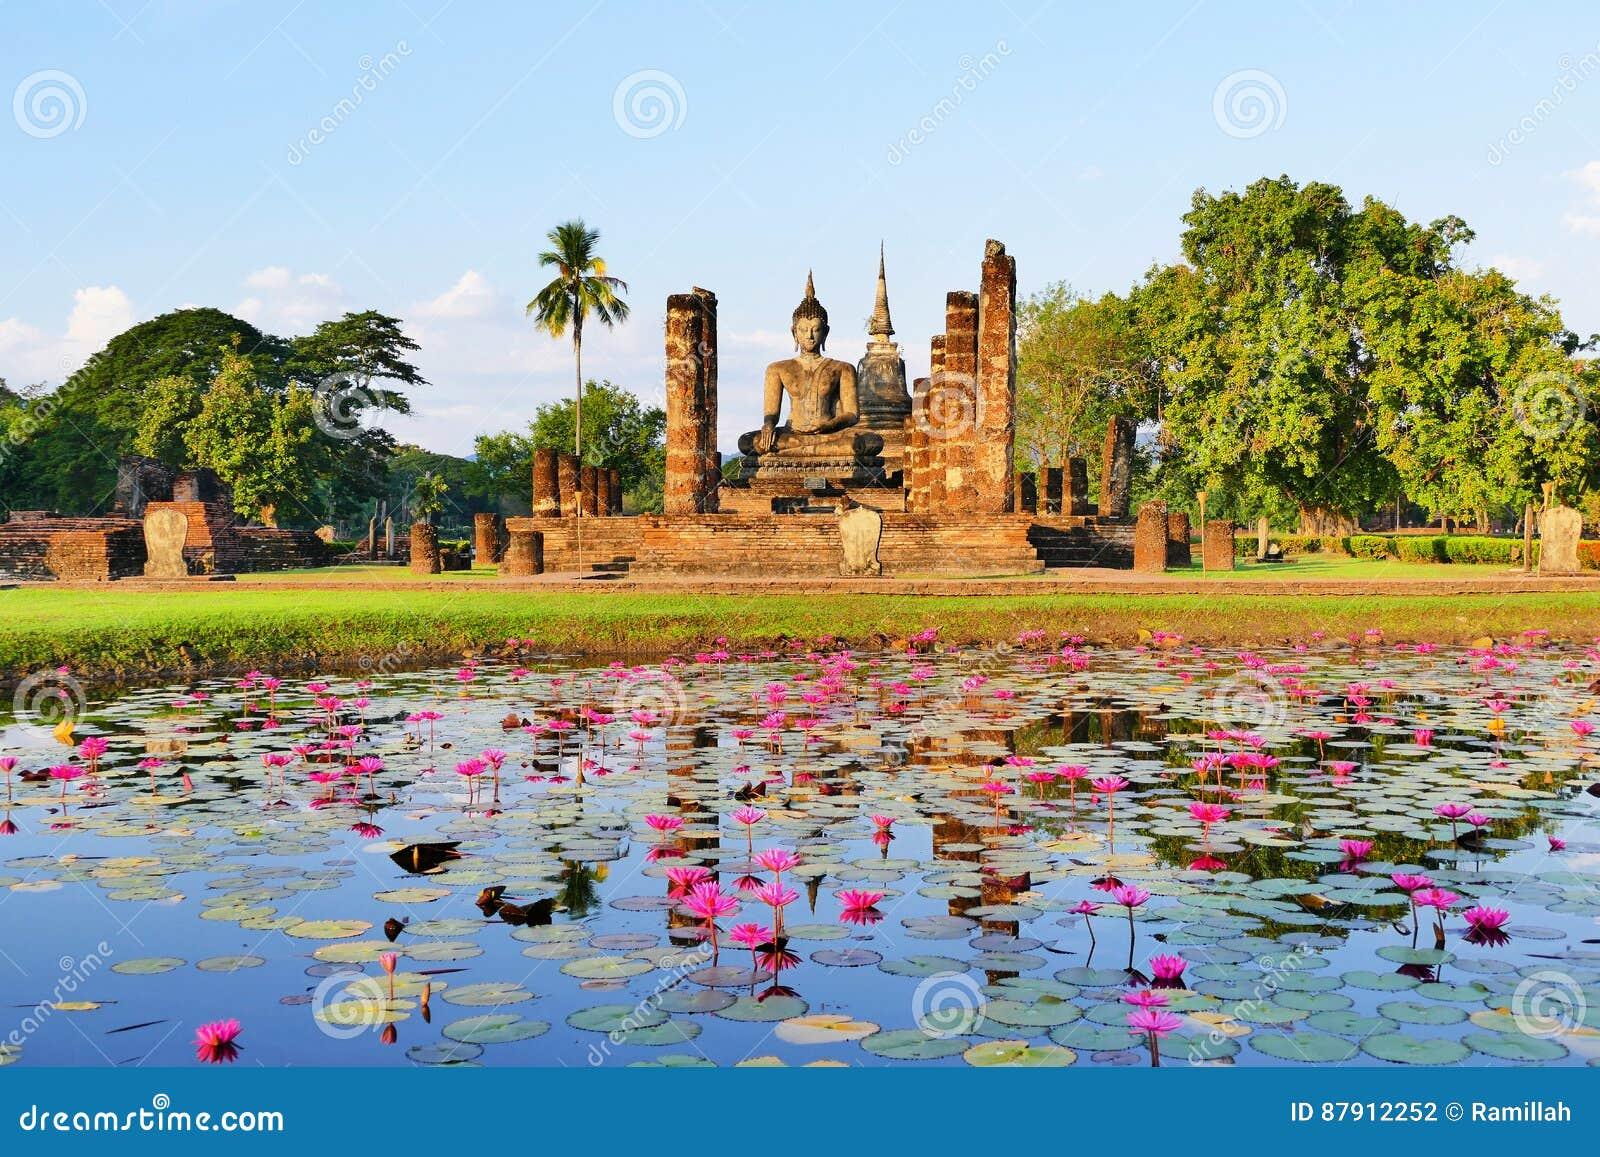 Ruines antiques de temple bouddhiste de belle vue scénique de paysage de Wat Mahathat en parc historique de Sukhothai en été